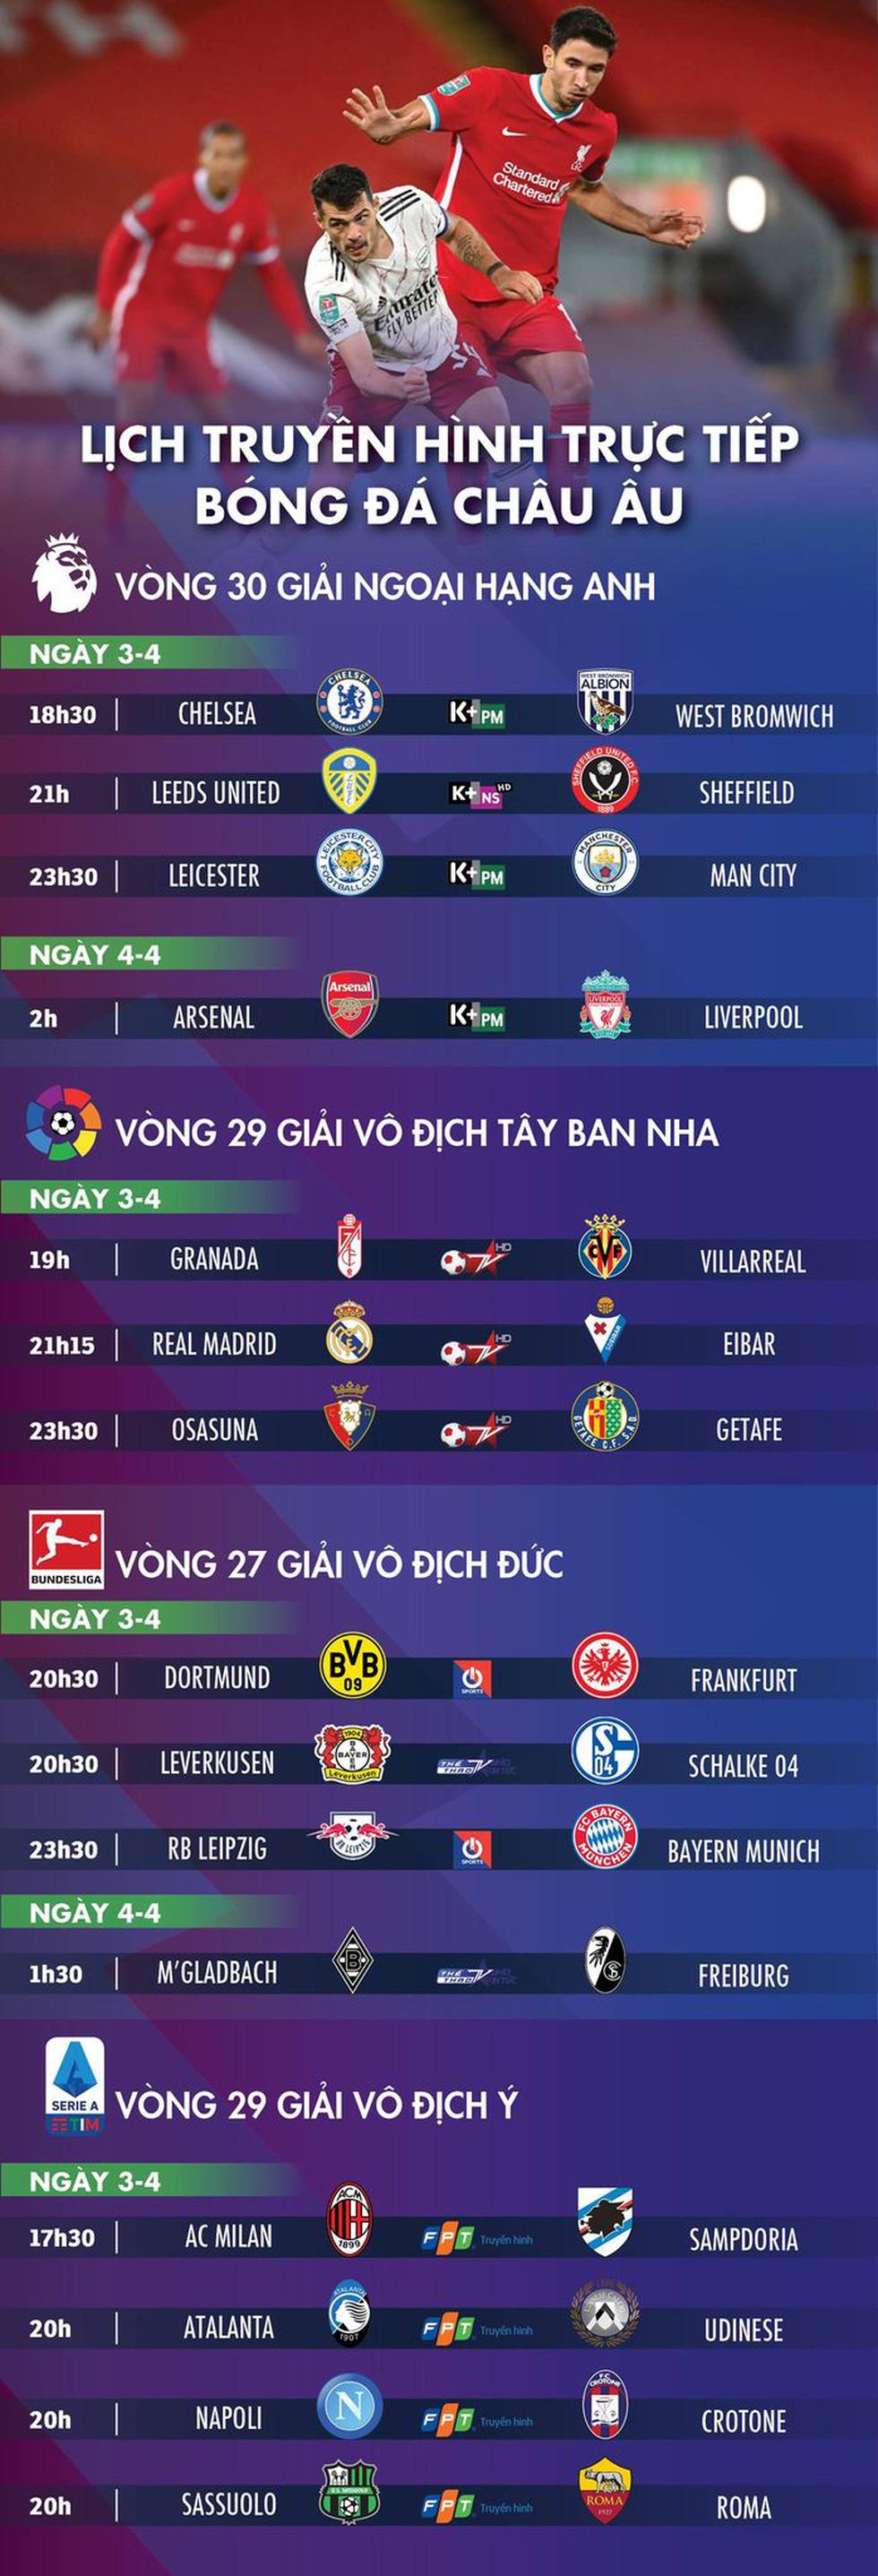 Lịch trực tiếp bóng đá châu Âu 3-4: Arsenal gặp Liverpool, Man City, Real, Chelsea cũng thi đấu - Ảnh 1.